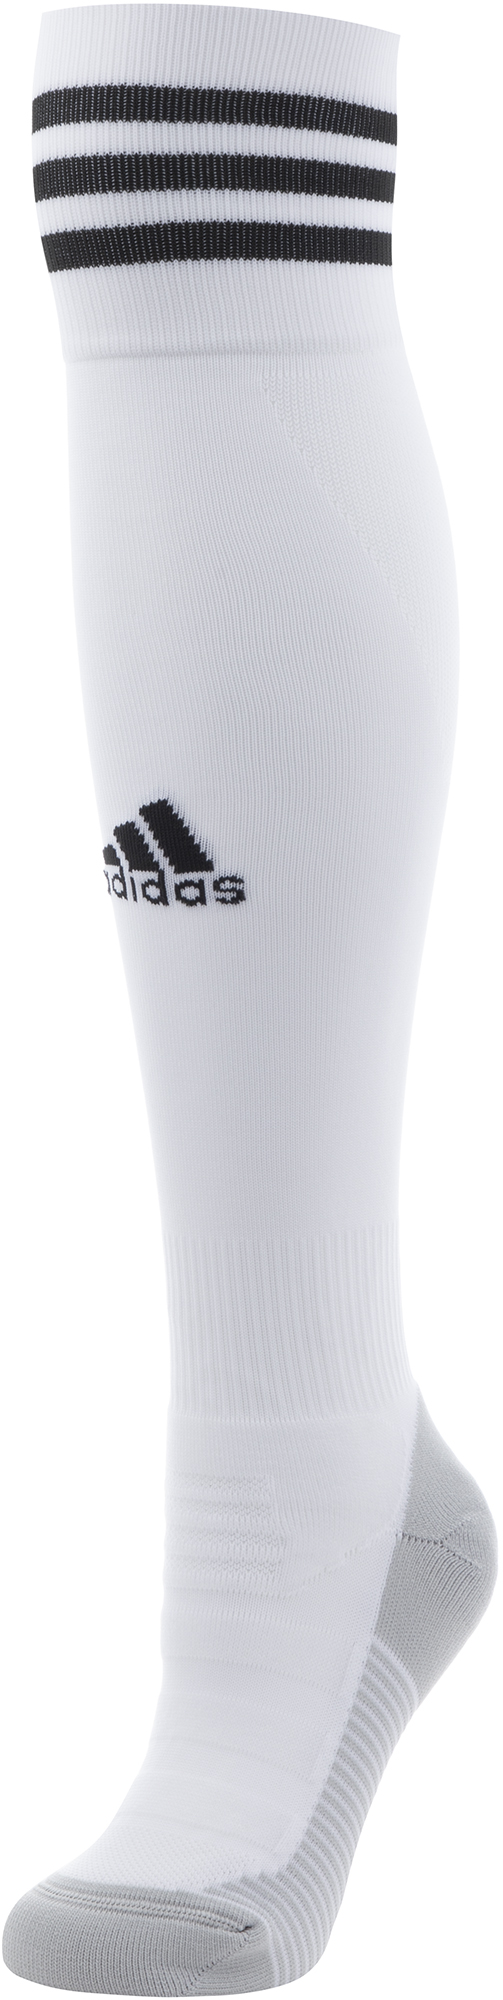 Adidas Гетры футбольные AdiSock, размер 43-45